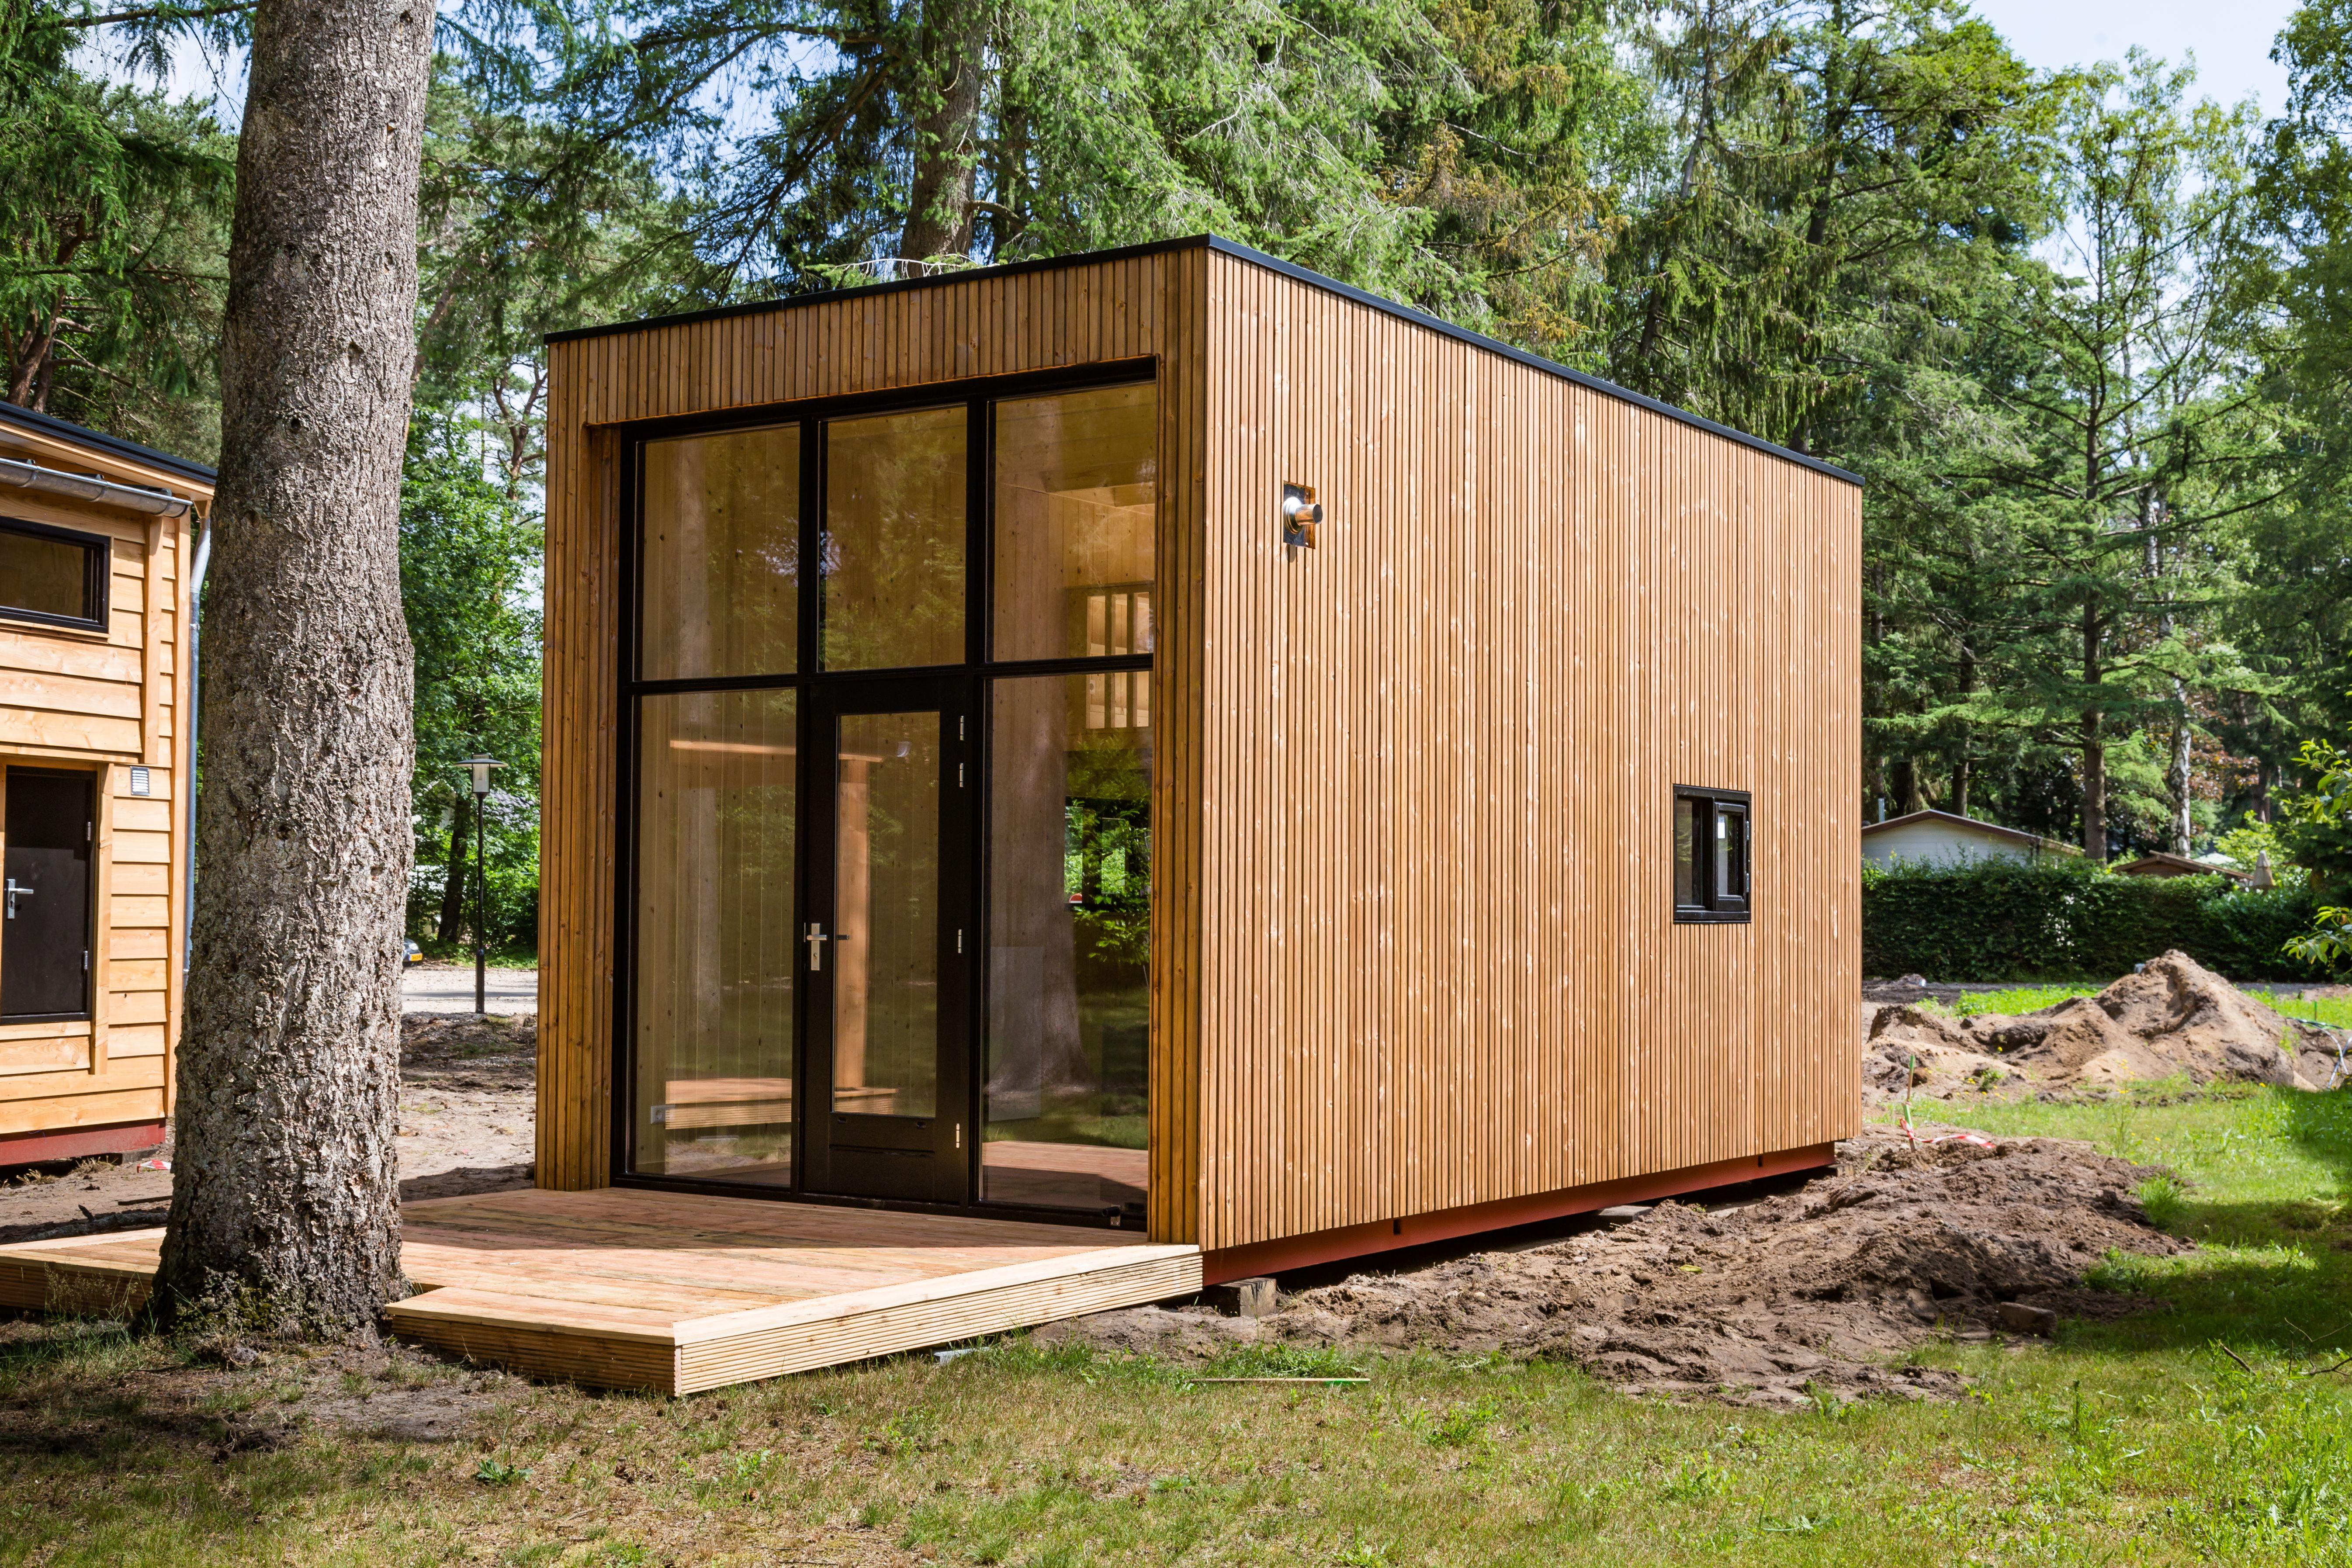 Containerhaus Tipps Rund Um Die Baugenehmigung Das Haus Gartenhaus Zum Wohnen Container Hauser Modernes Kleines Haus